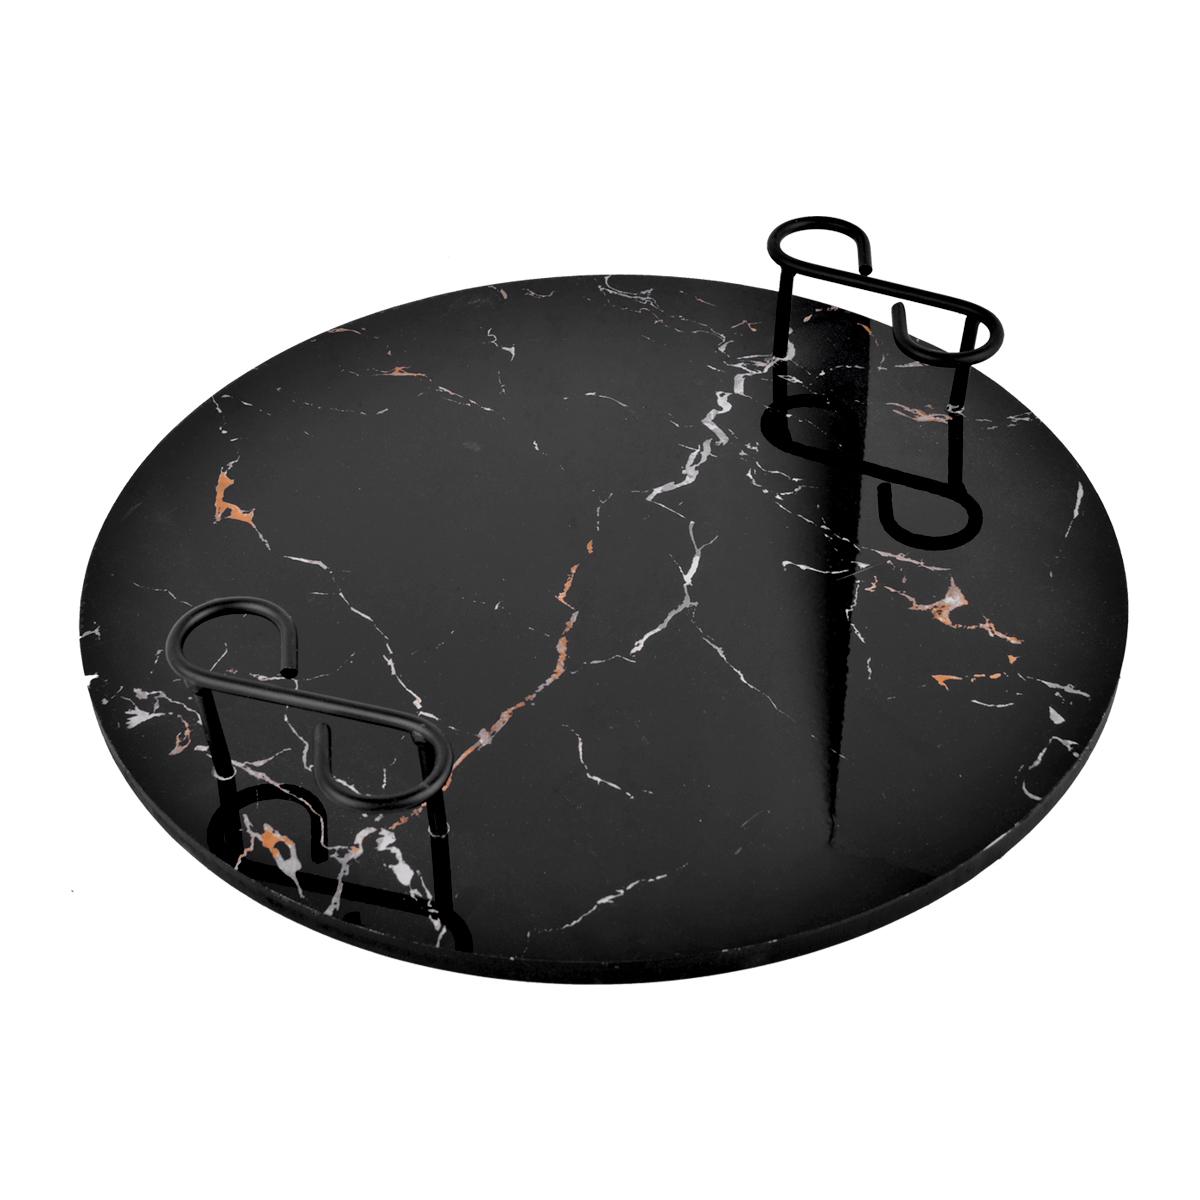 طفرية تقديم دائرية بسطح شكل الرخام  38 سم  - من ماي مارت